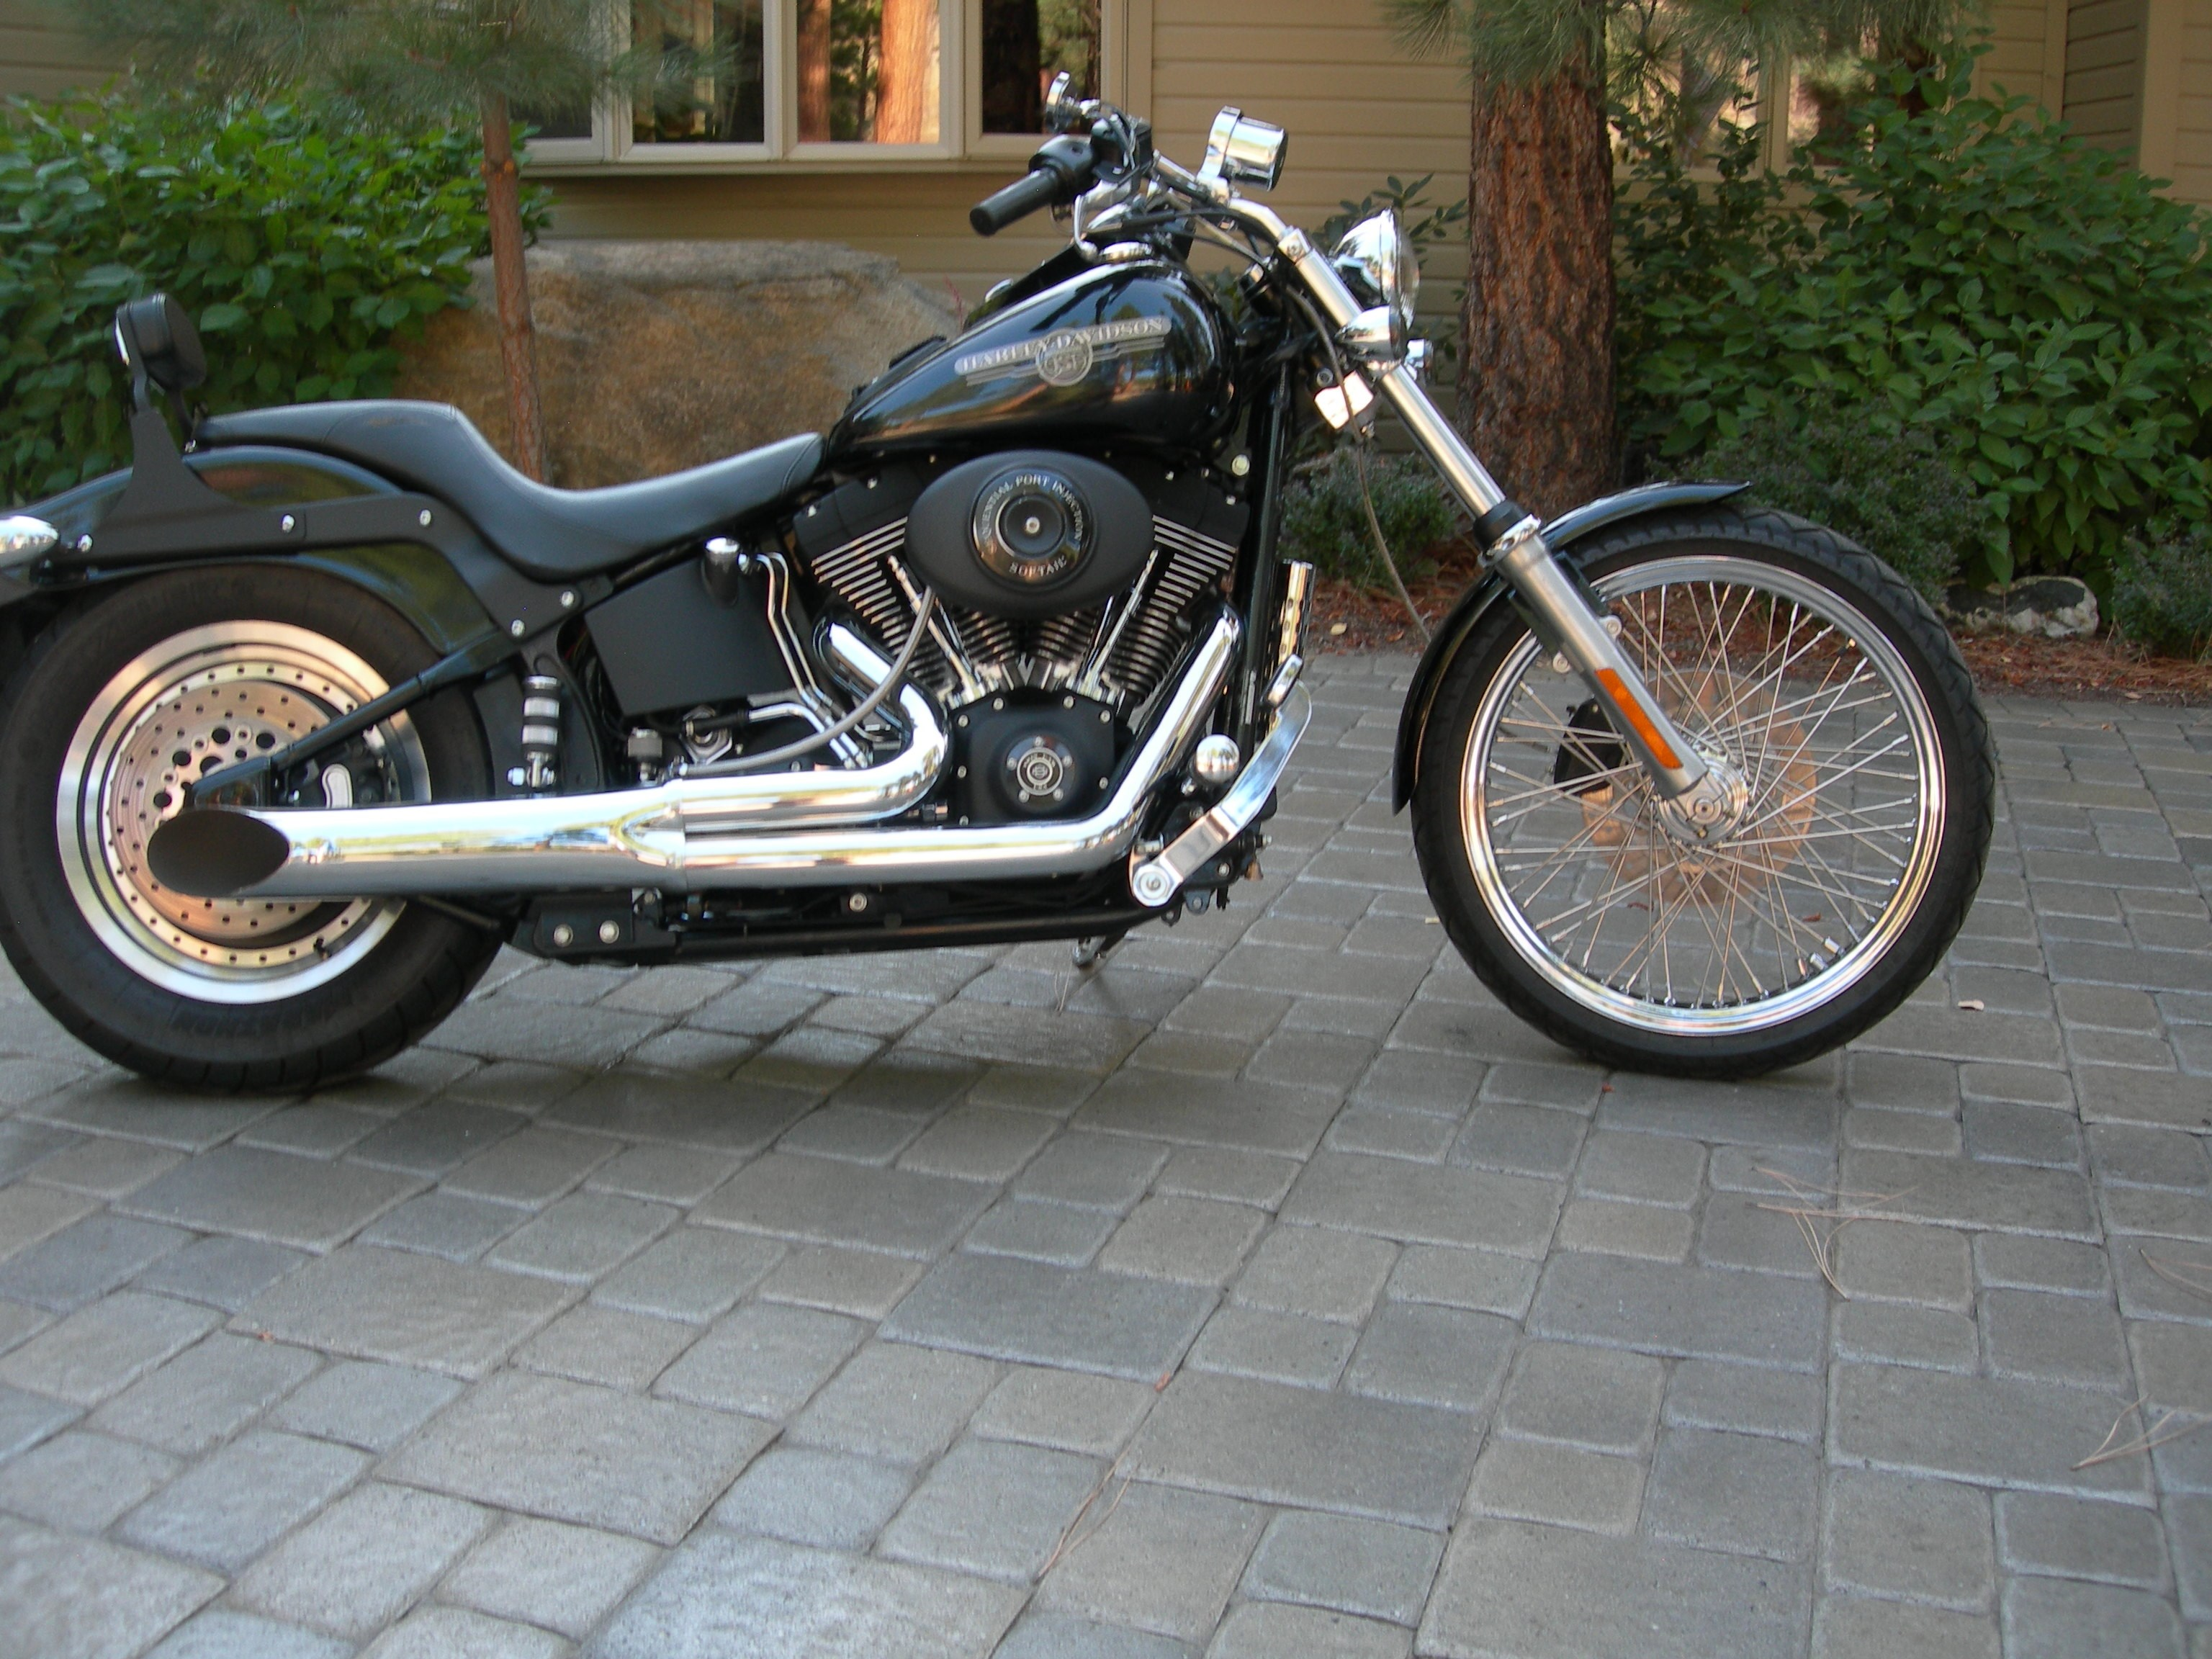 Harley Davidson Softail Fuel Octane